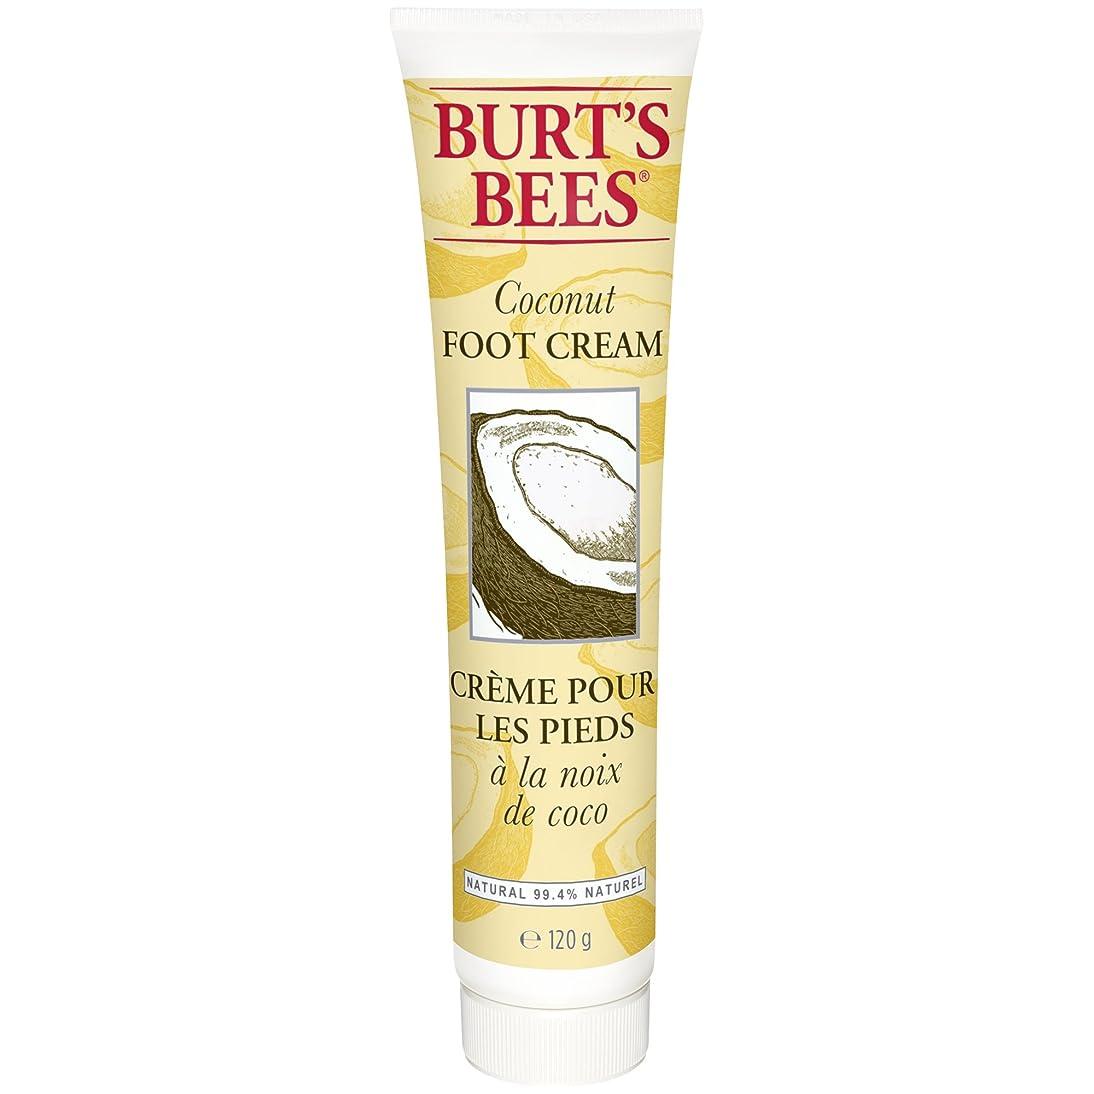 バージン気絶させる生じるバーツビーのココナッツフットクリーム123グラム (Burt's Bees) - Burt's Bees Coconut Foot Creme 123g [並行輸入品]